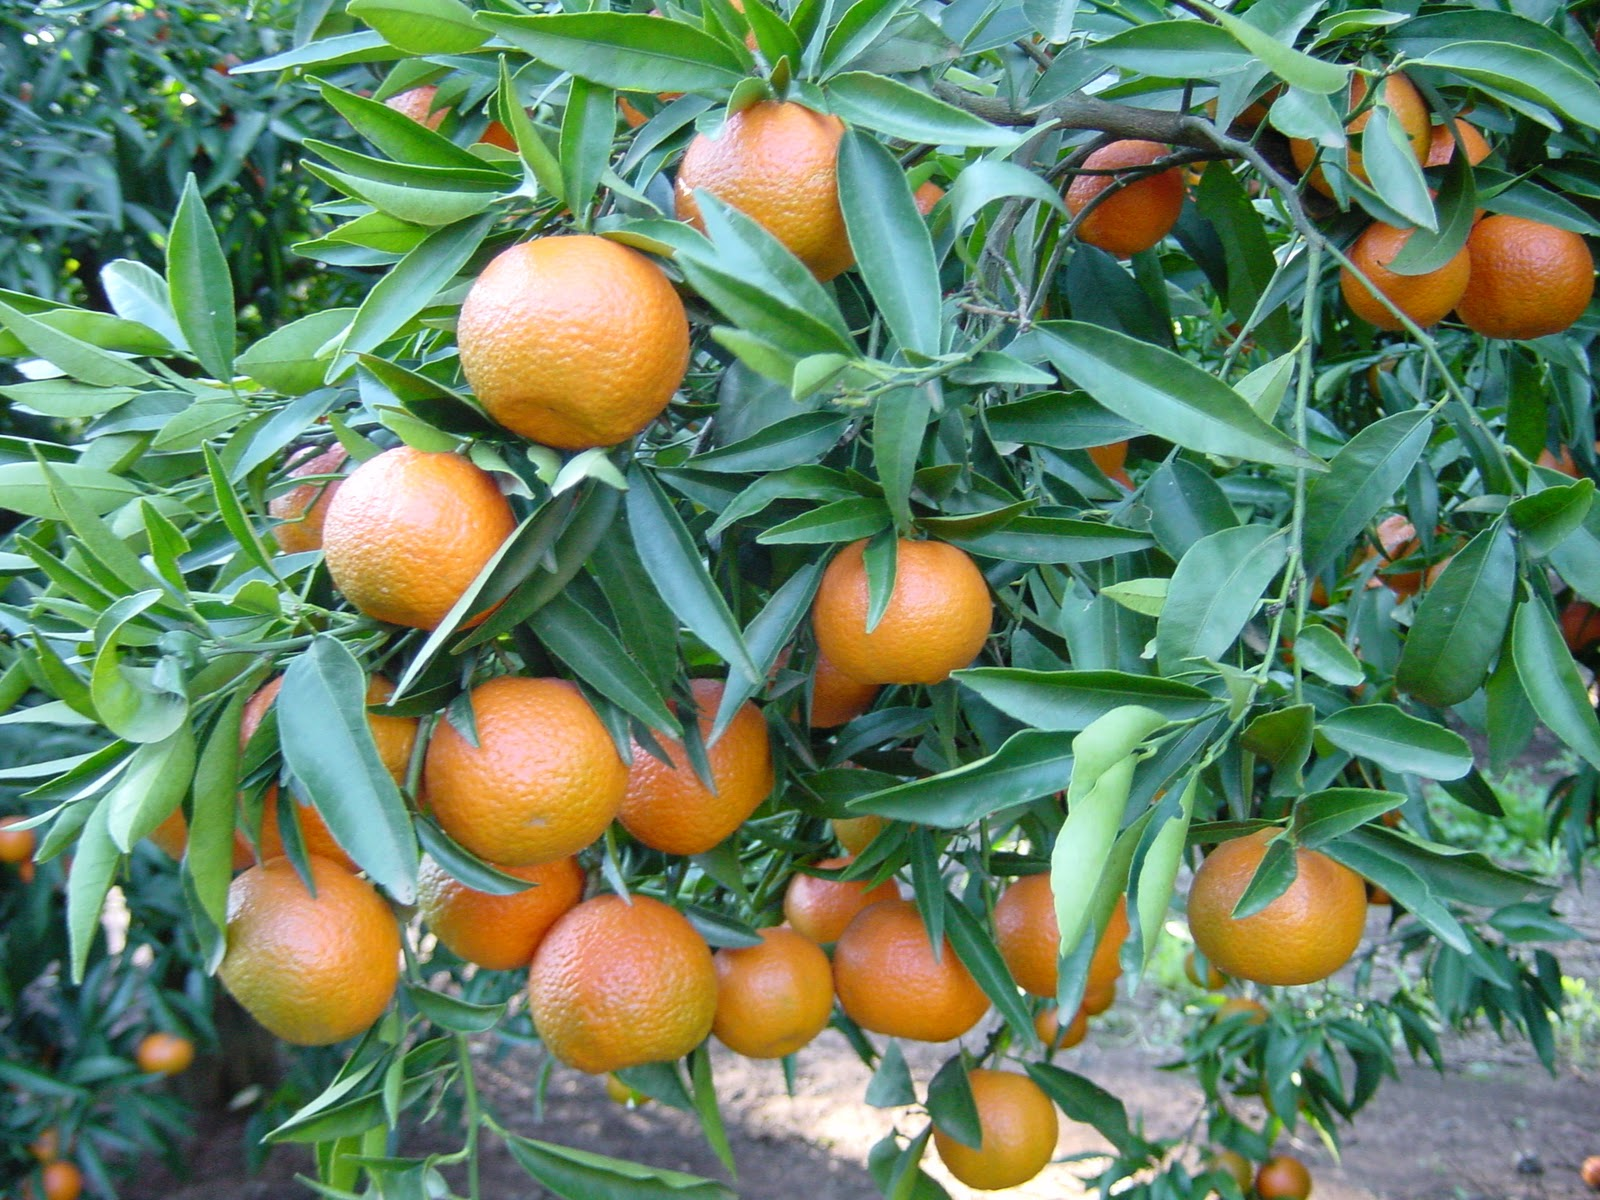 LES FRUITS COMMENÇANT PAR C Clementine2%281%29